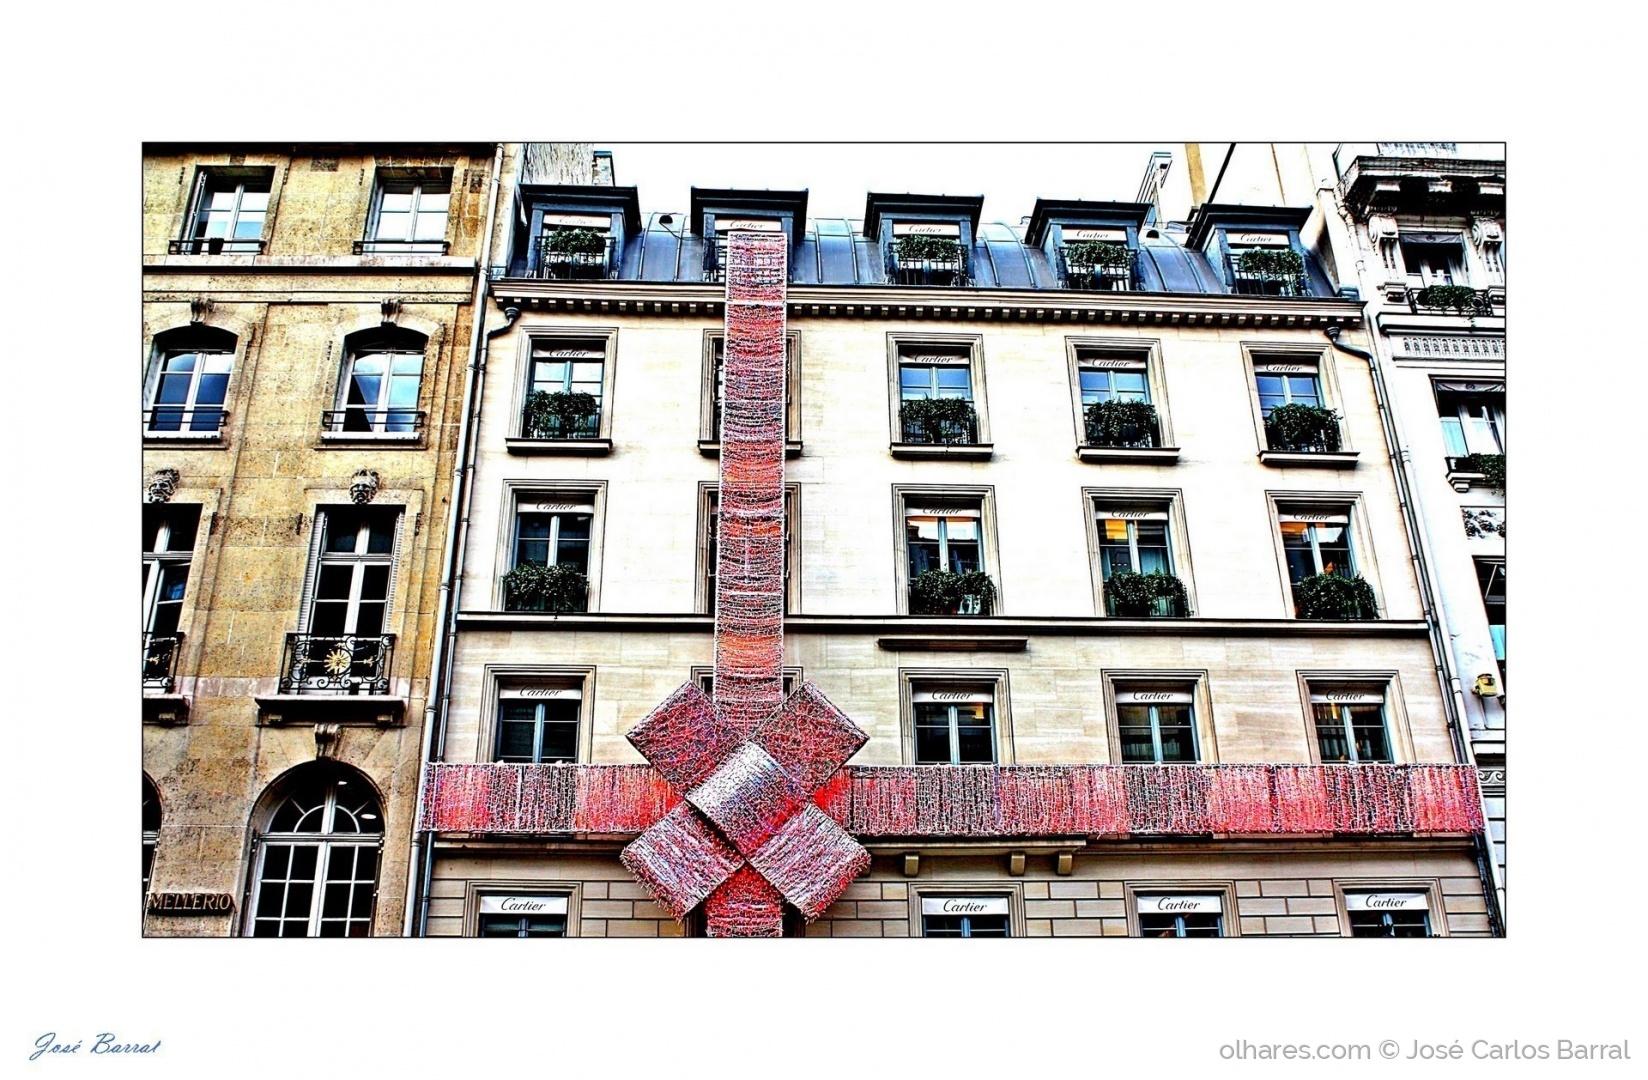 Arquitetura/DECORAÇÕES URBANAS 2